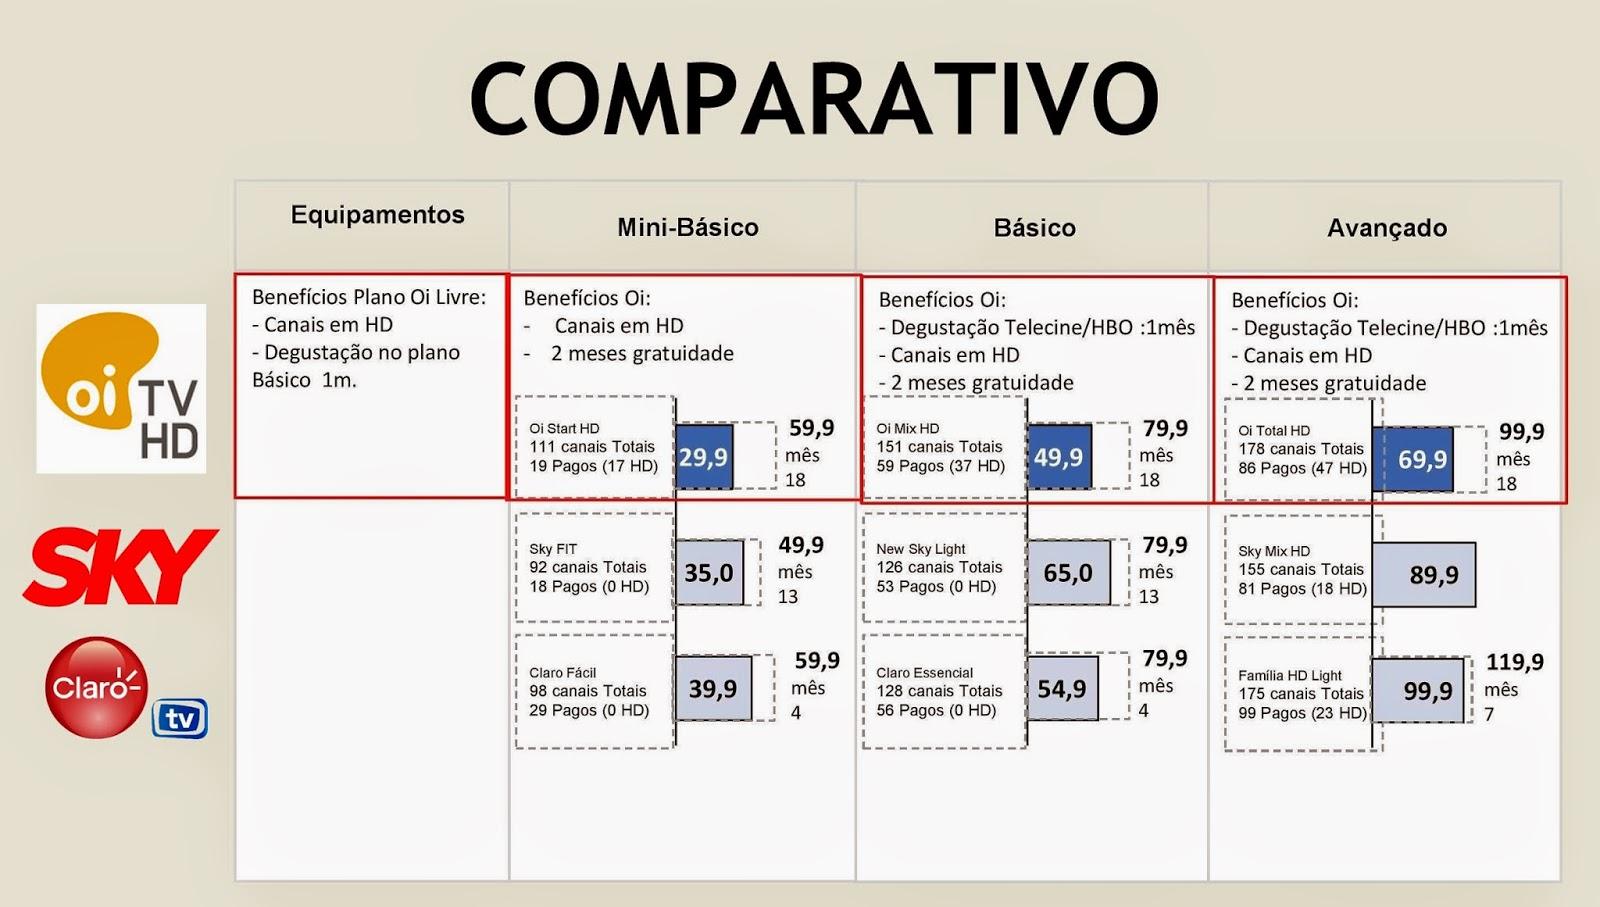 imagem comparação oi tv sky claro tv